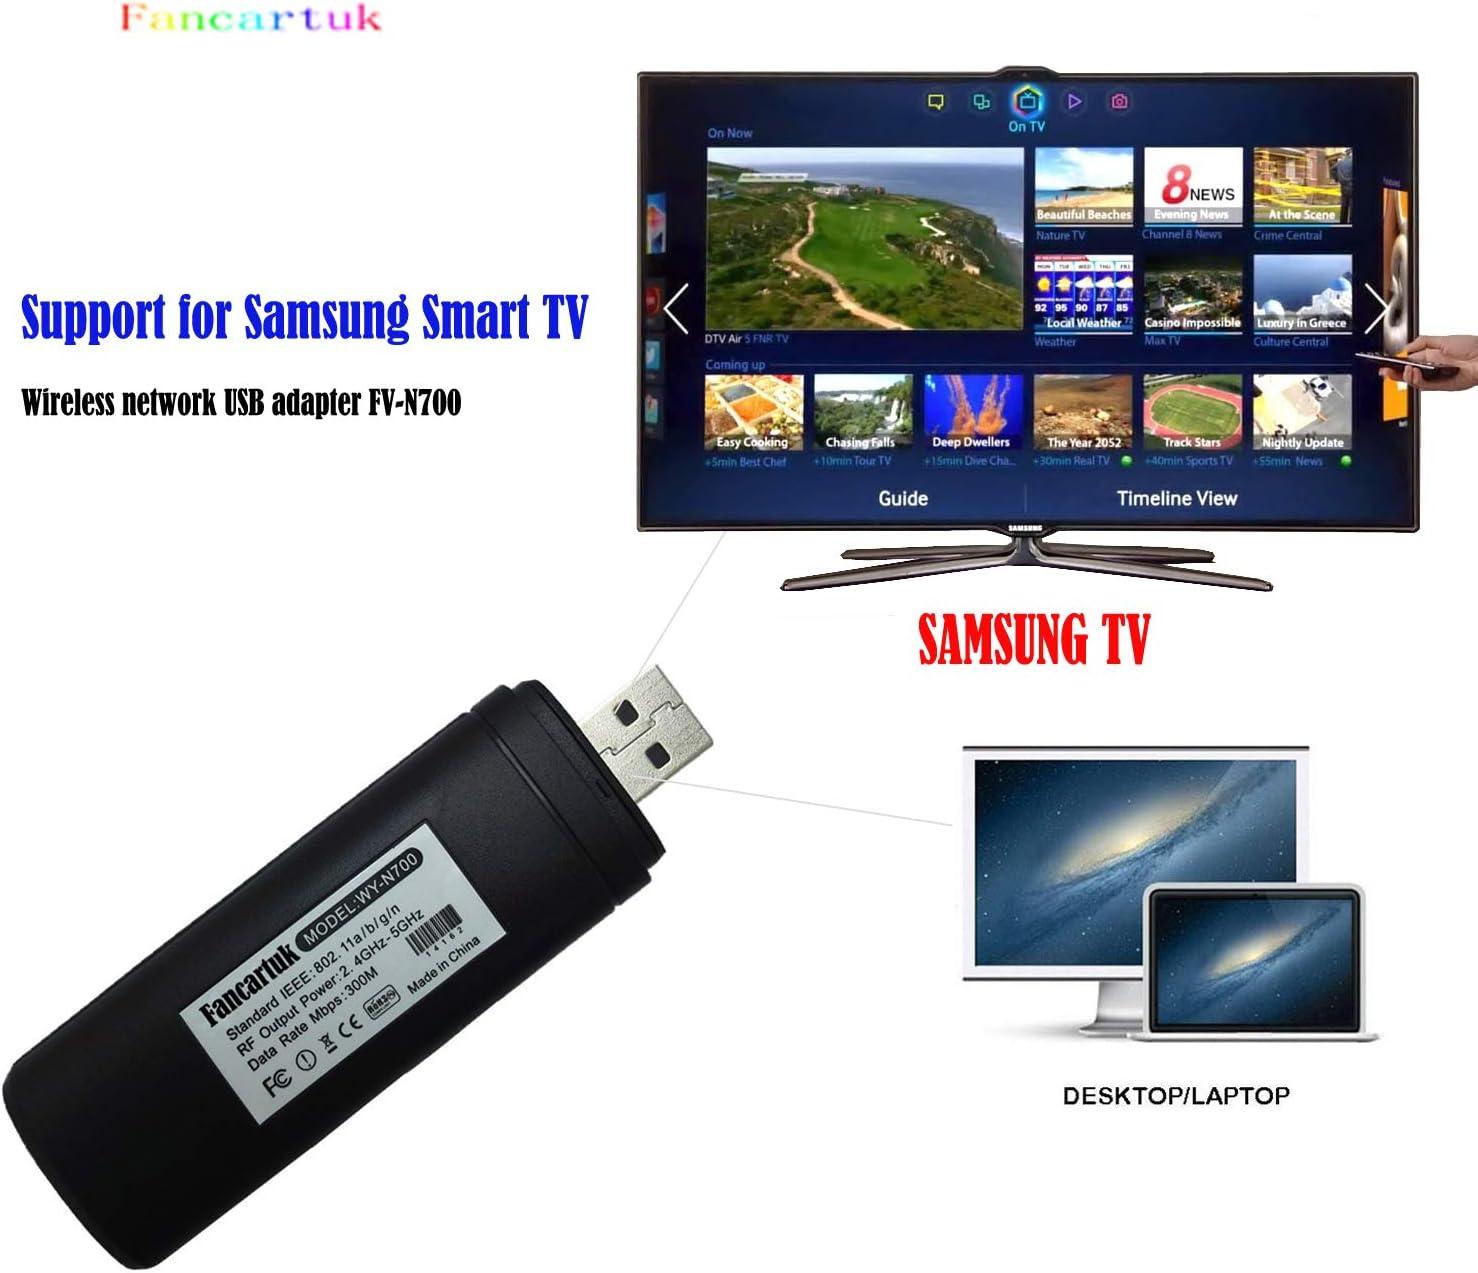 Adaptador Wi-Fi inalámbrico USB para televisión, Fancartuk 802.11ac de doble banda 2,4 GHz y 5 GHz, adaptador USB de red WiFi inalámbrico para smart TV Samsung WIS12ABGNX WIS09ABGN 300M